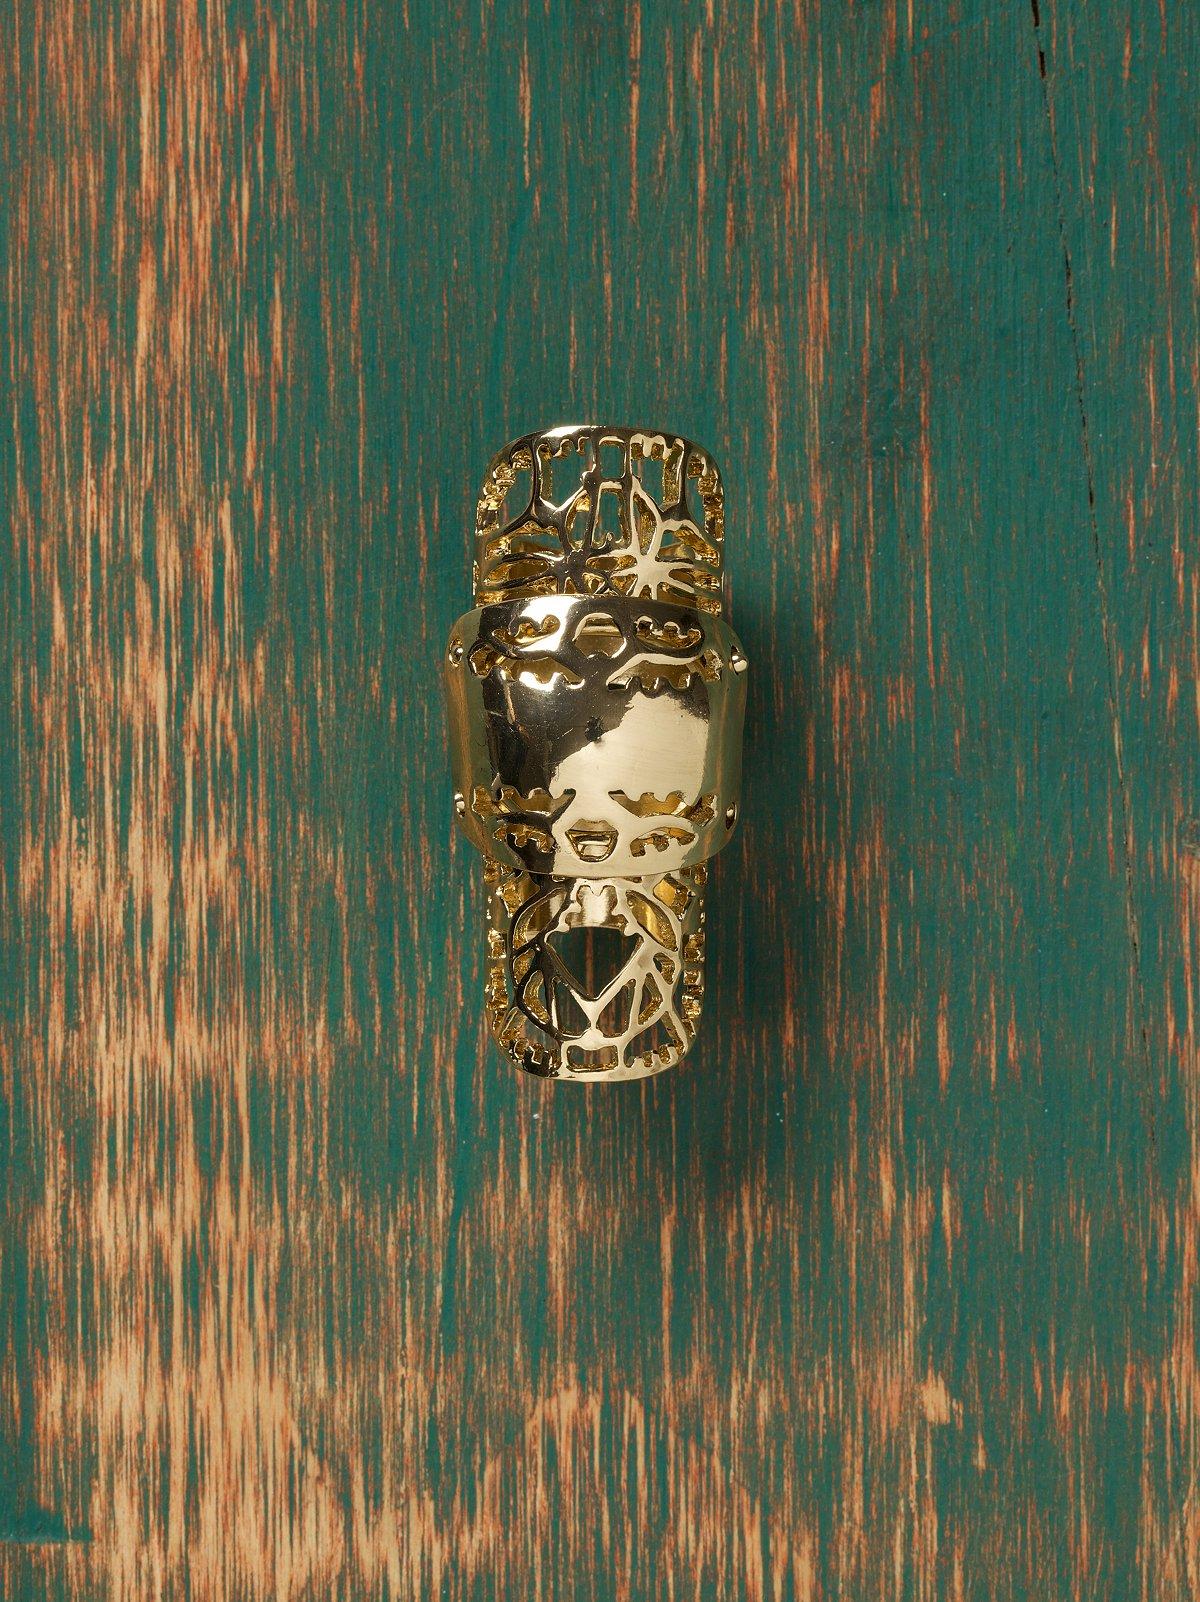 Cadet Knuckle Ring